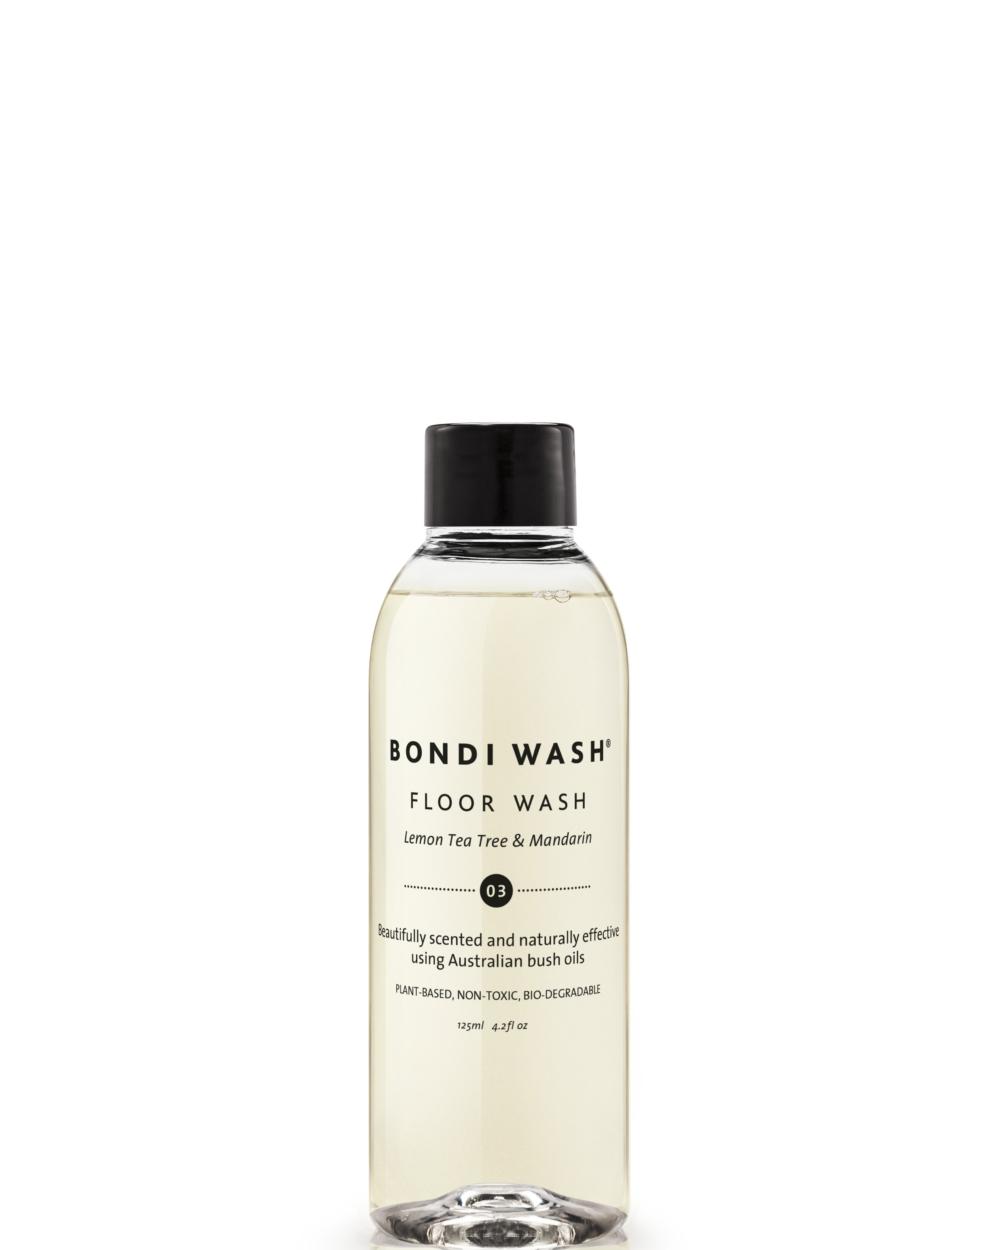 Floor wash - mini Bondi Wash